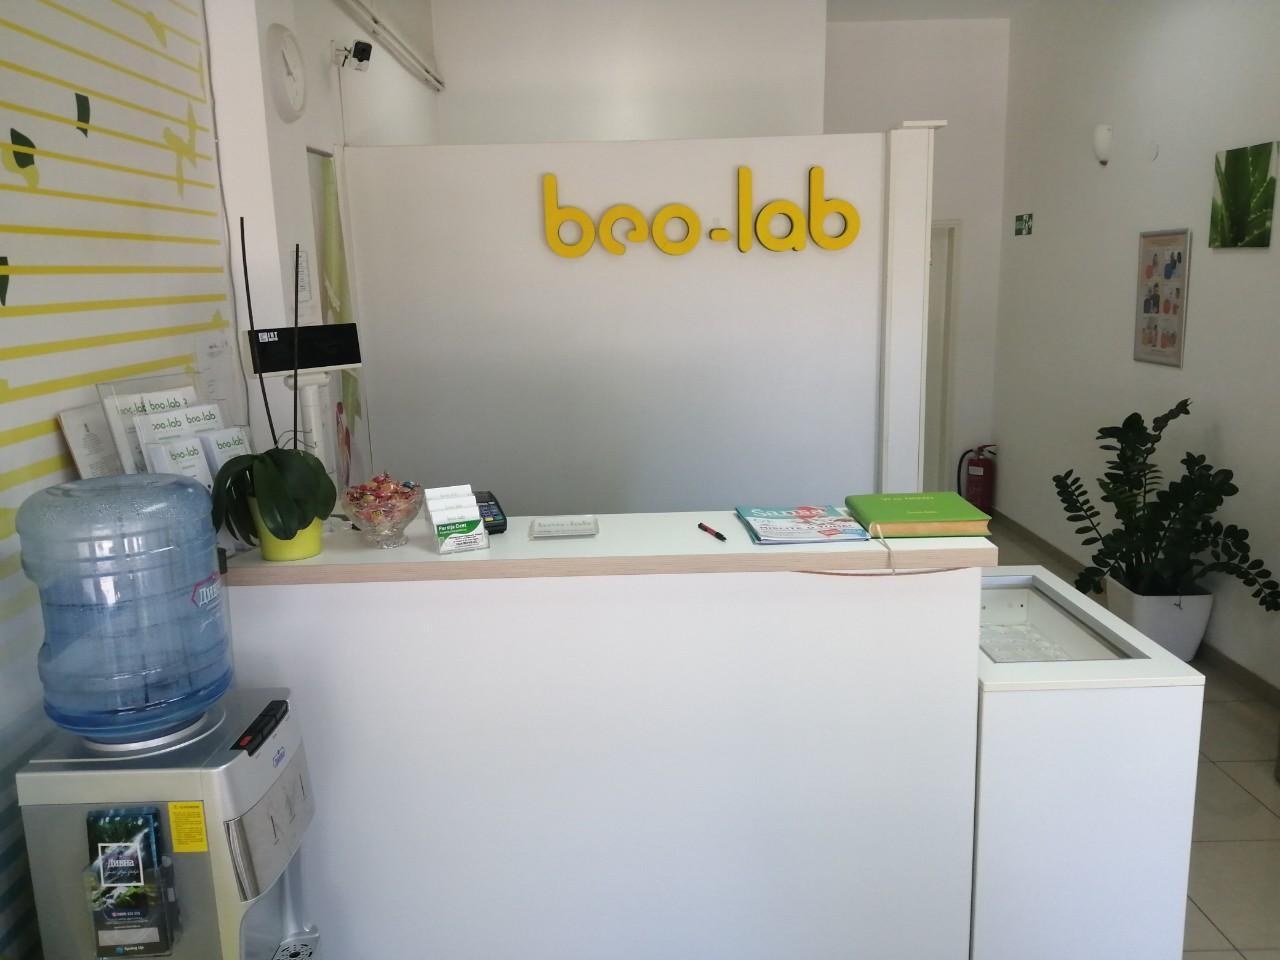 Beo-lab laboratorija Smederevska Palanka, 20.Juli 2